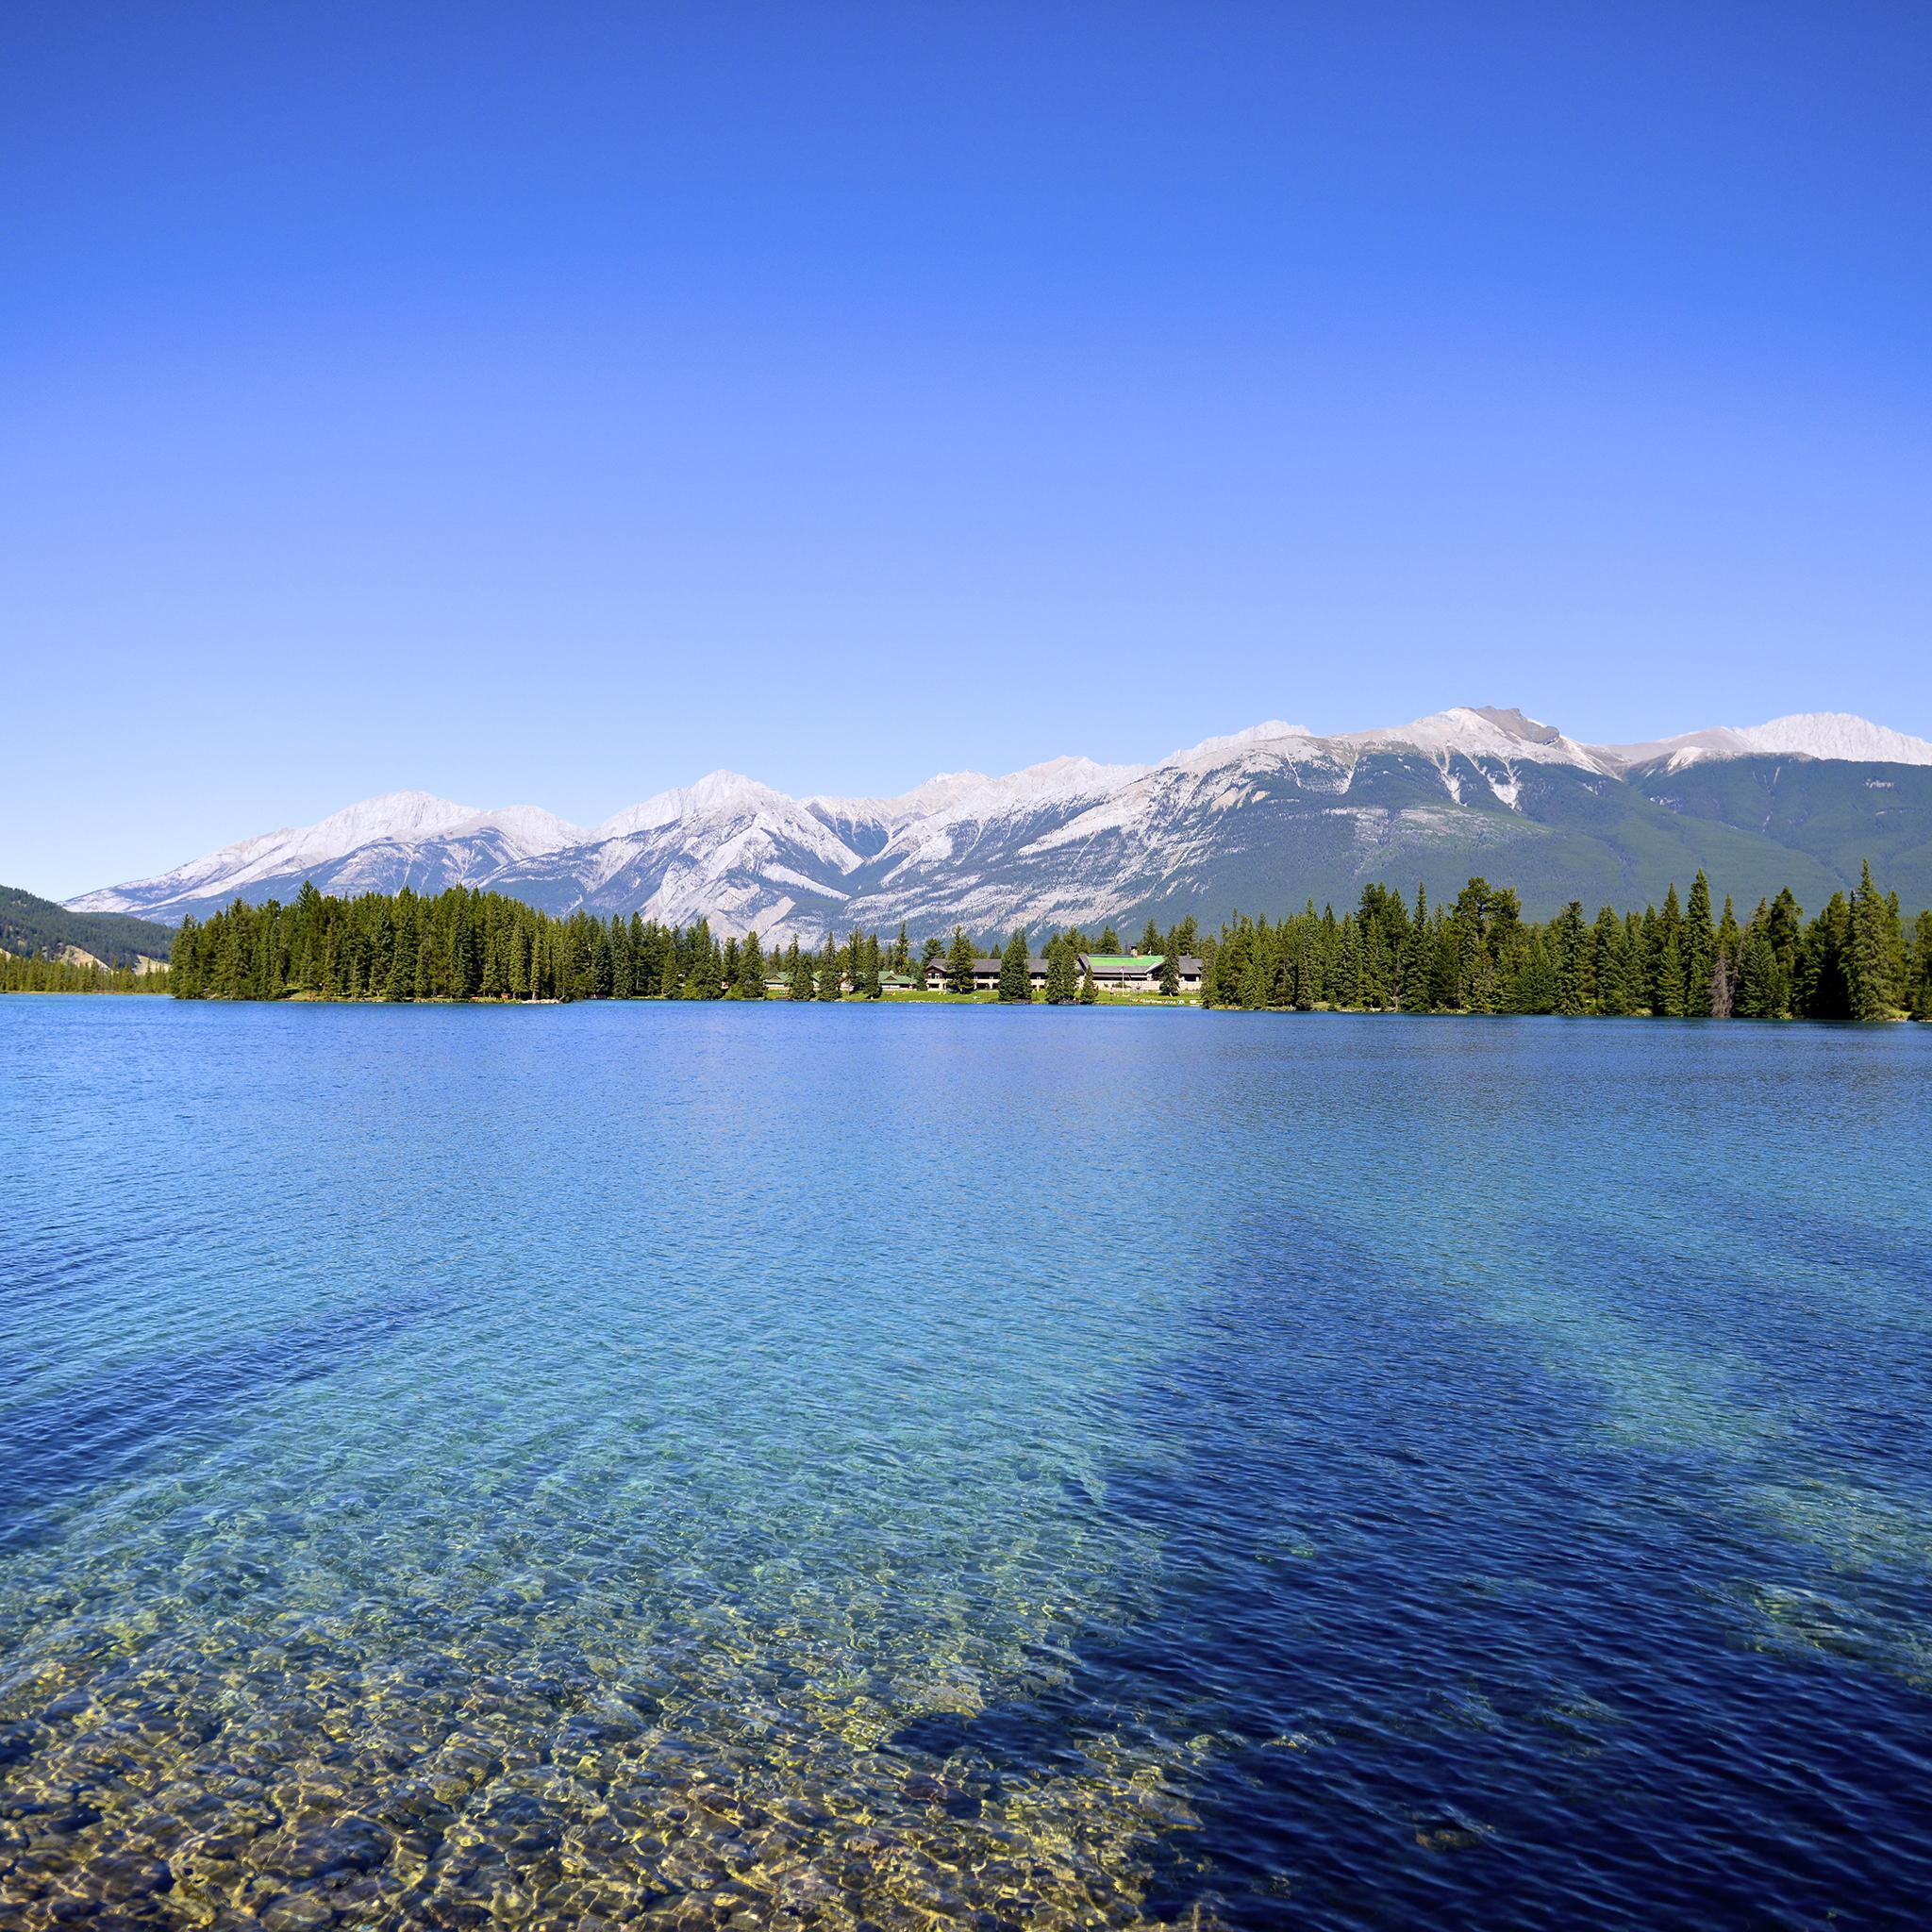 Mountain Lake 3Wallpapers ipad REtina Mountain Lake   iPad Retina